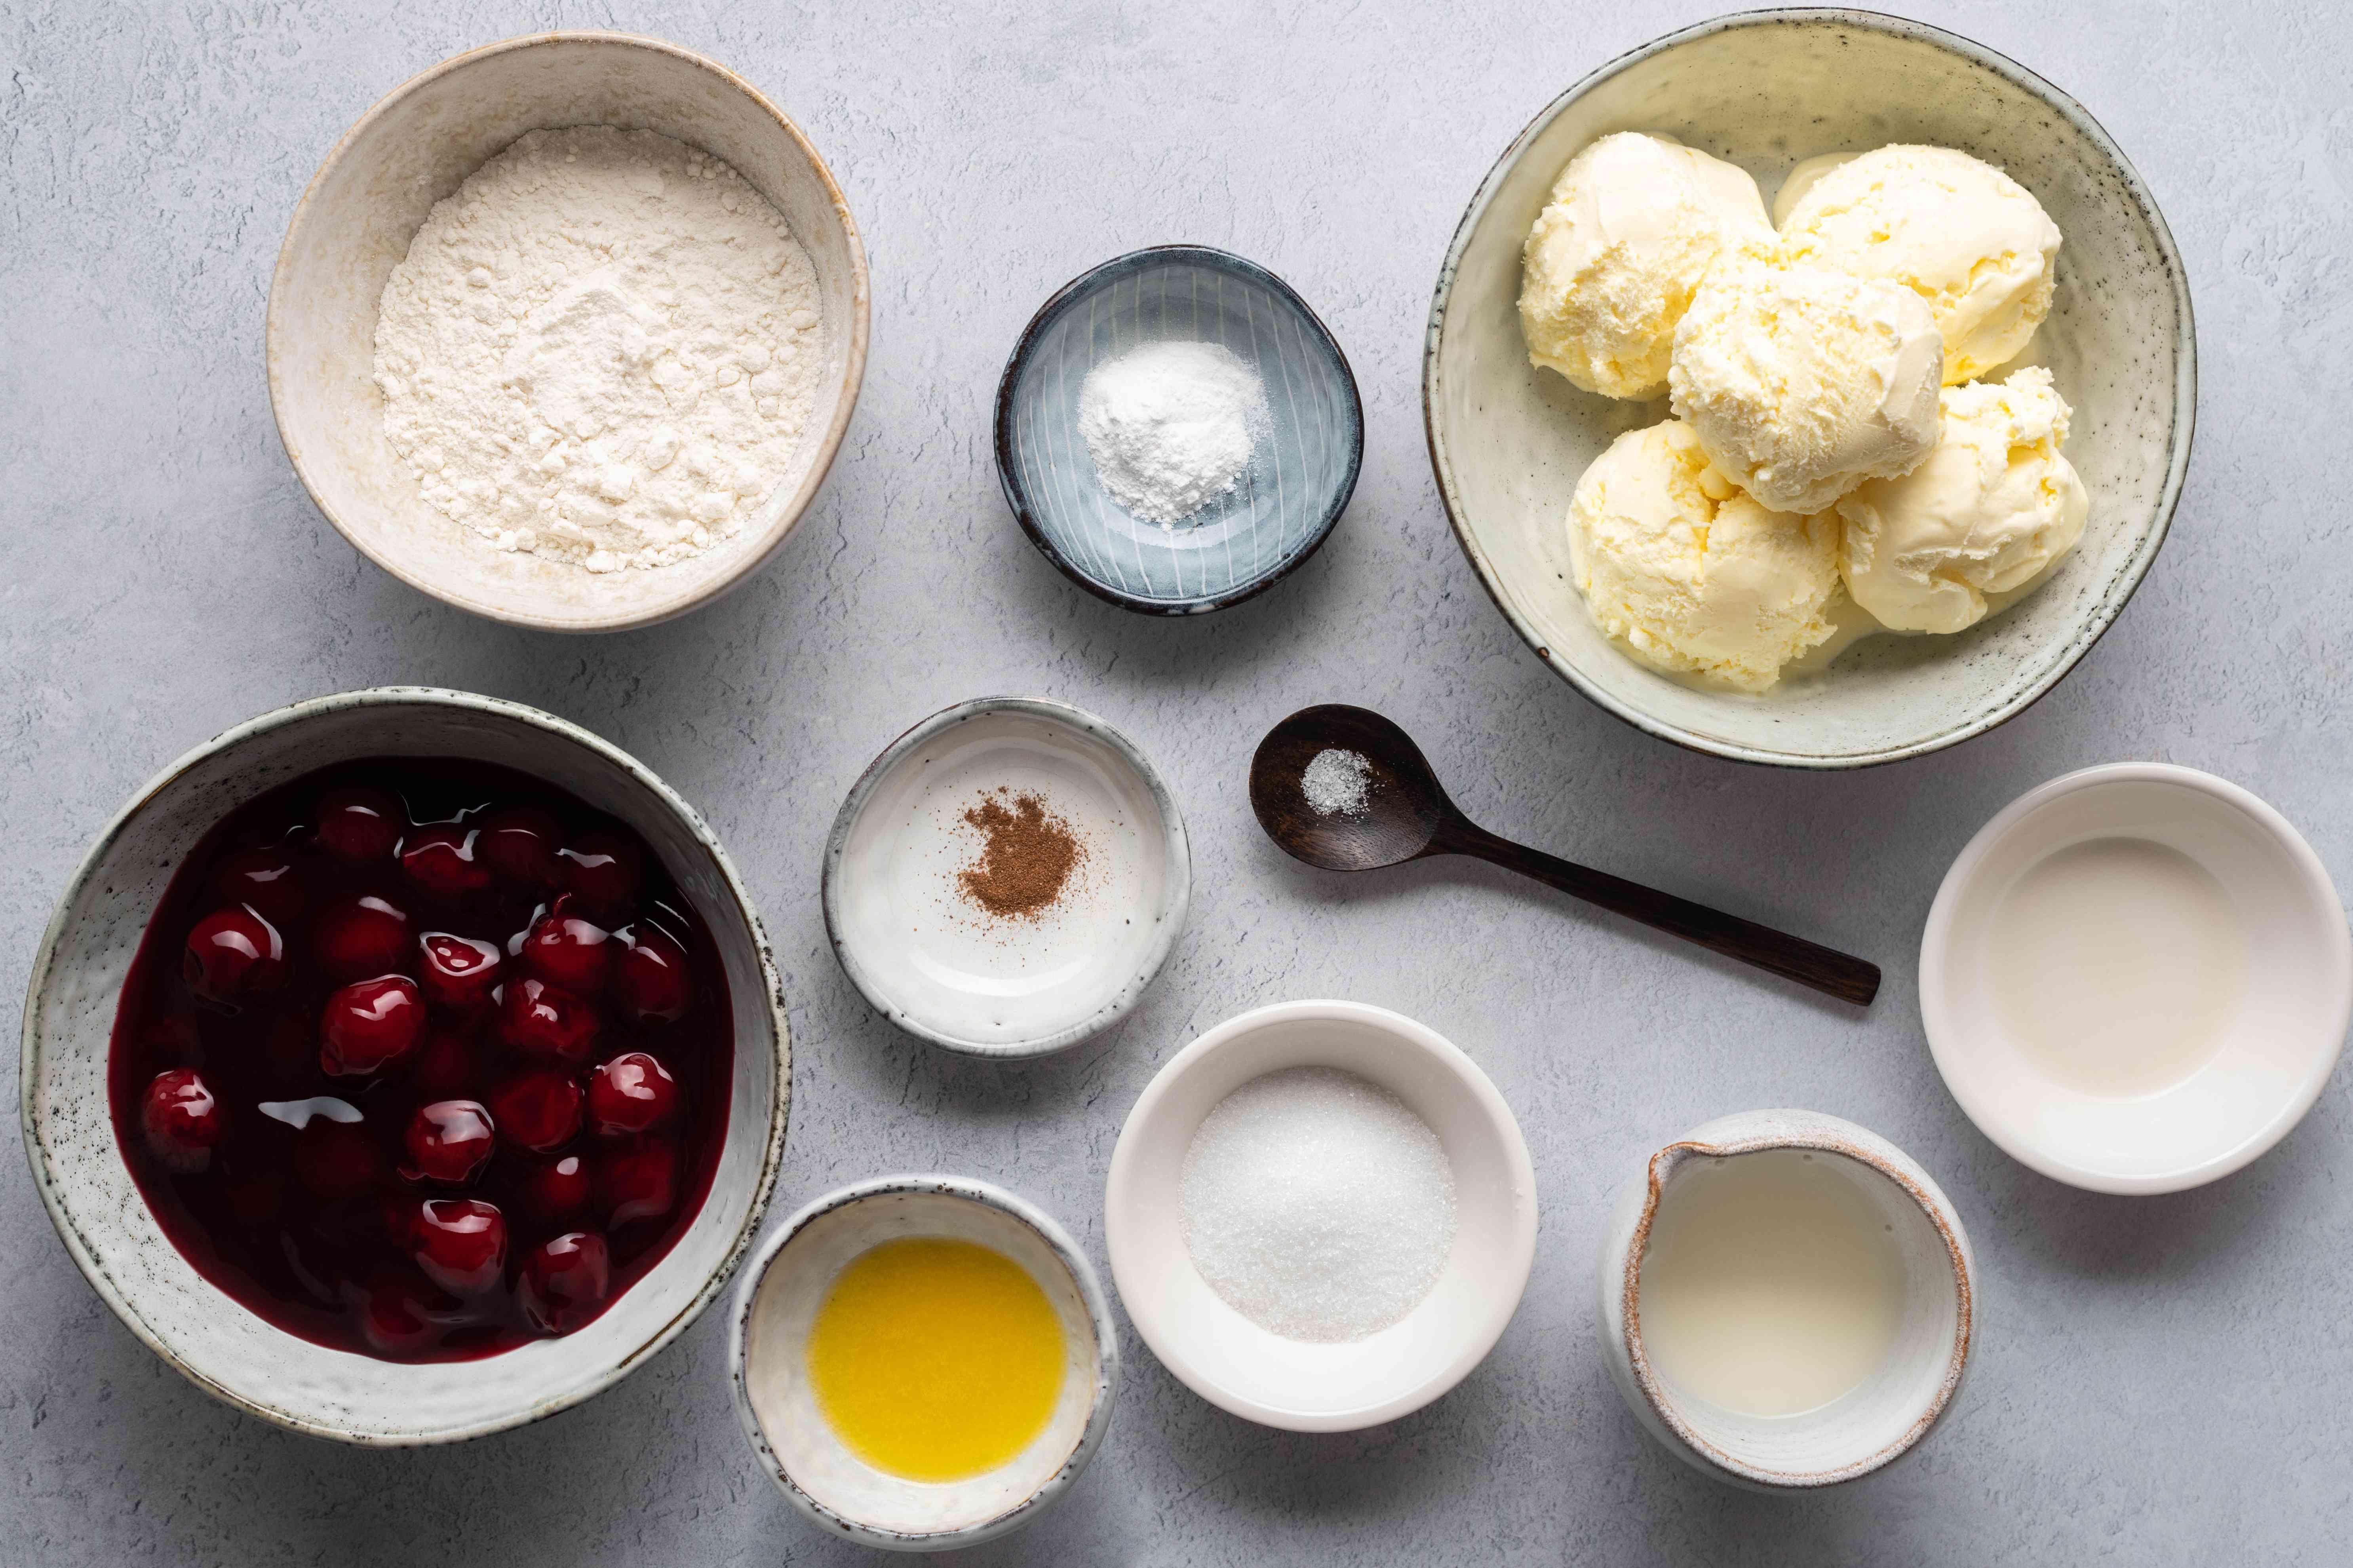 mug pie ingredients gathered